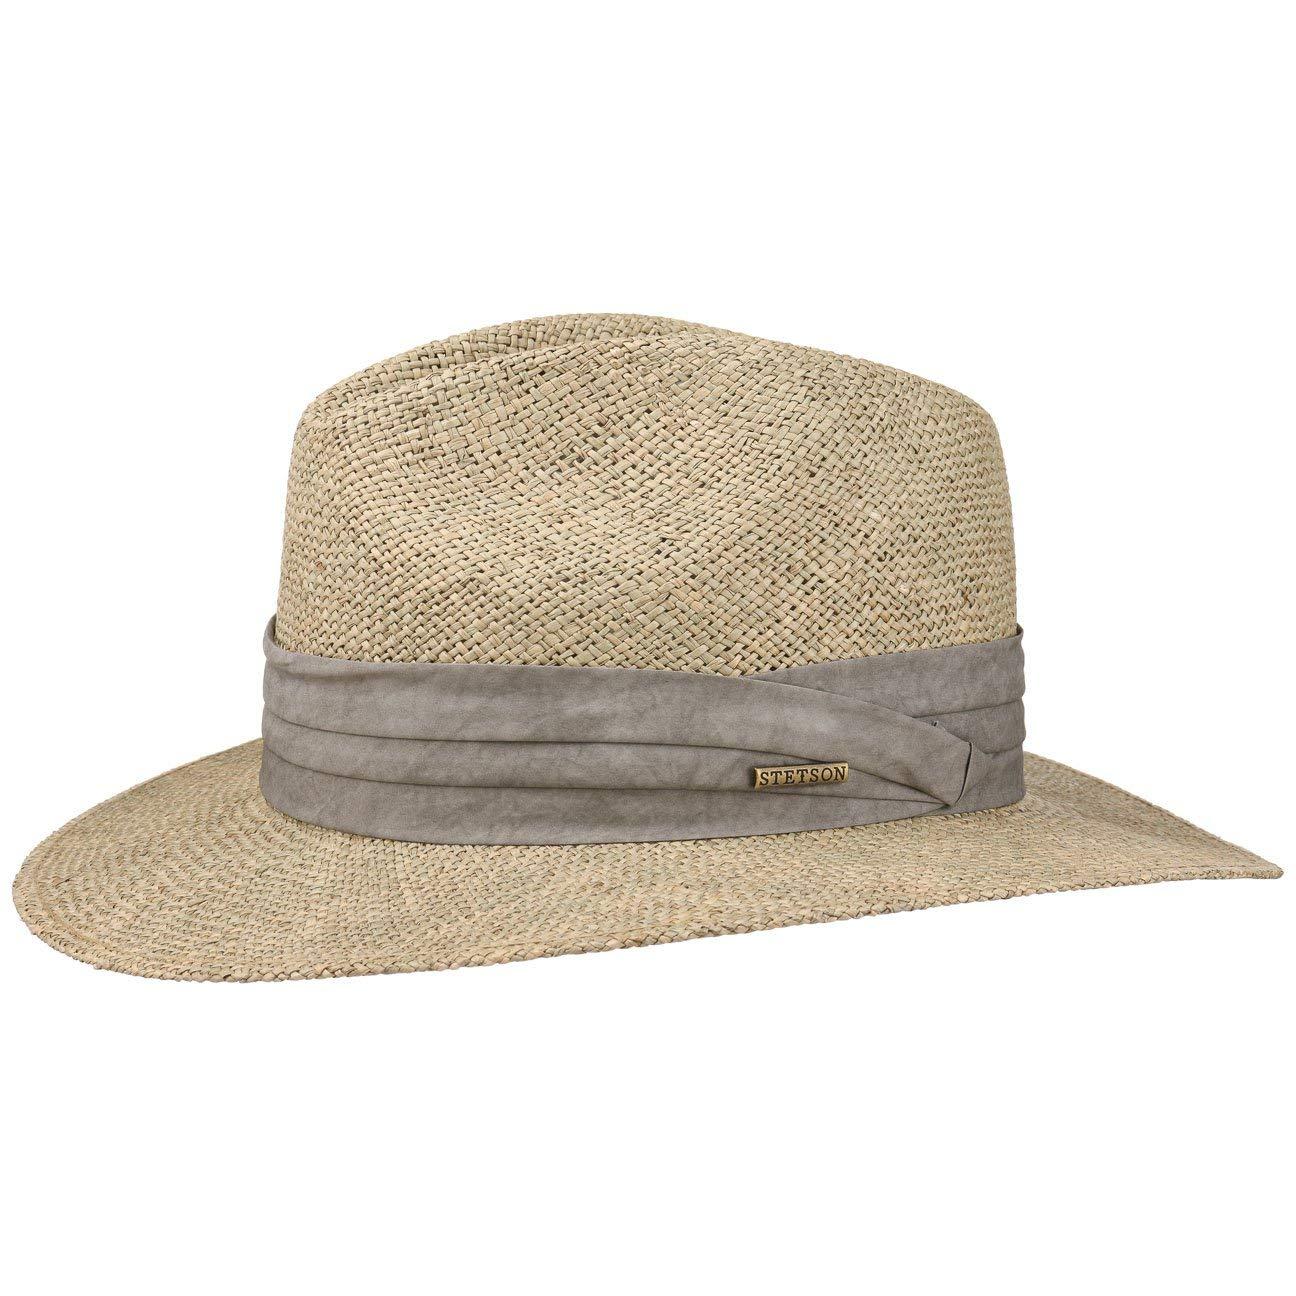 Stetson Cappello di Paglia Caney Seagrass Sole Cappelli Spiaggia Traveller 04843b68653a